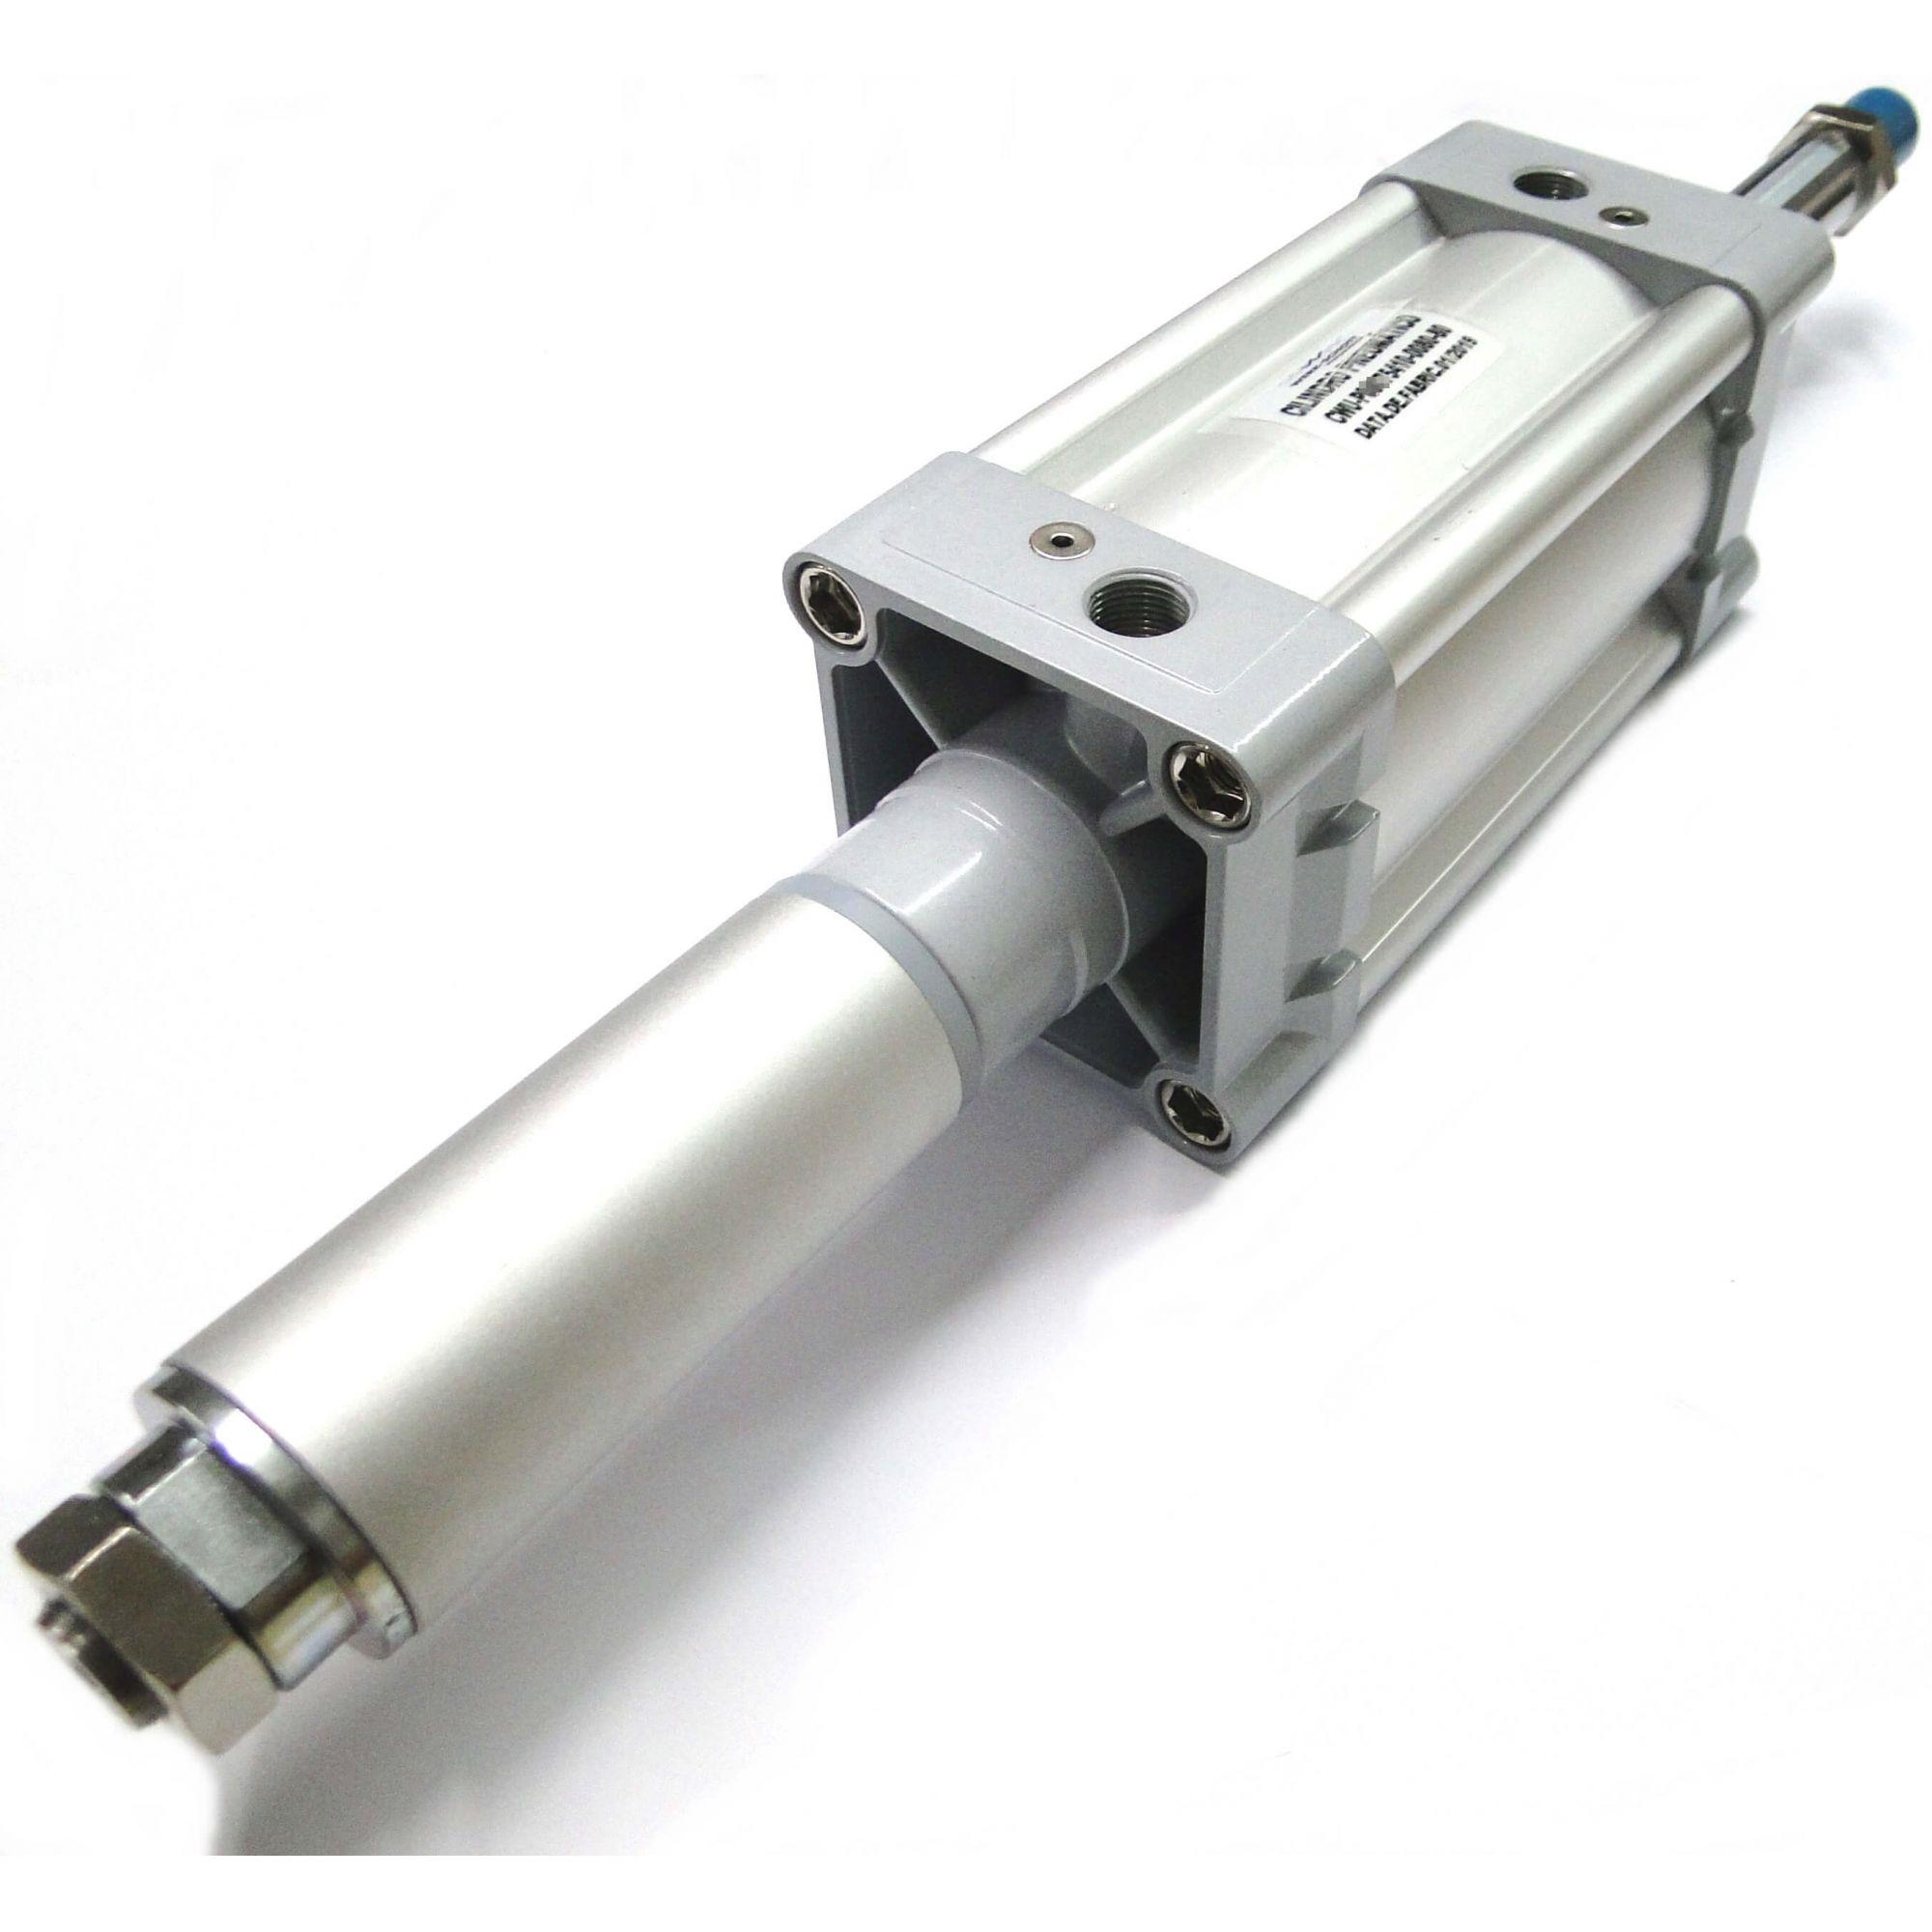 Cilindro Pneumático Iso Dupla Ação Diâmetro de 125mm x Curso de 140mm Werk Schott